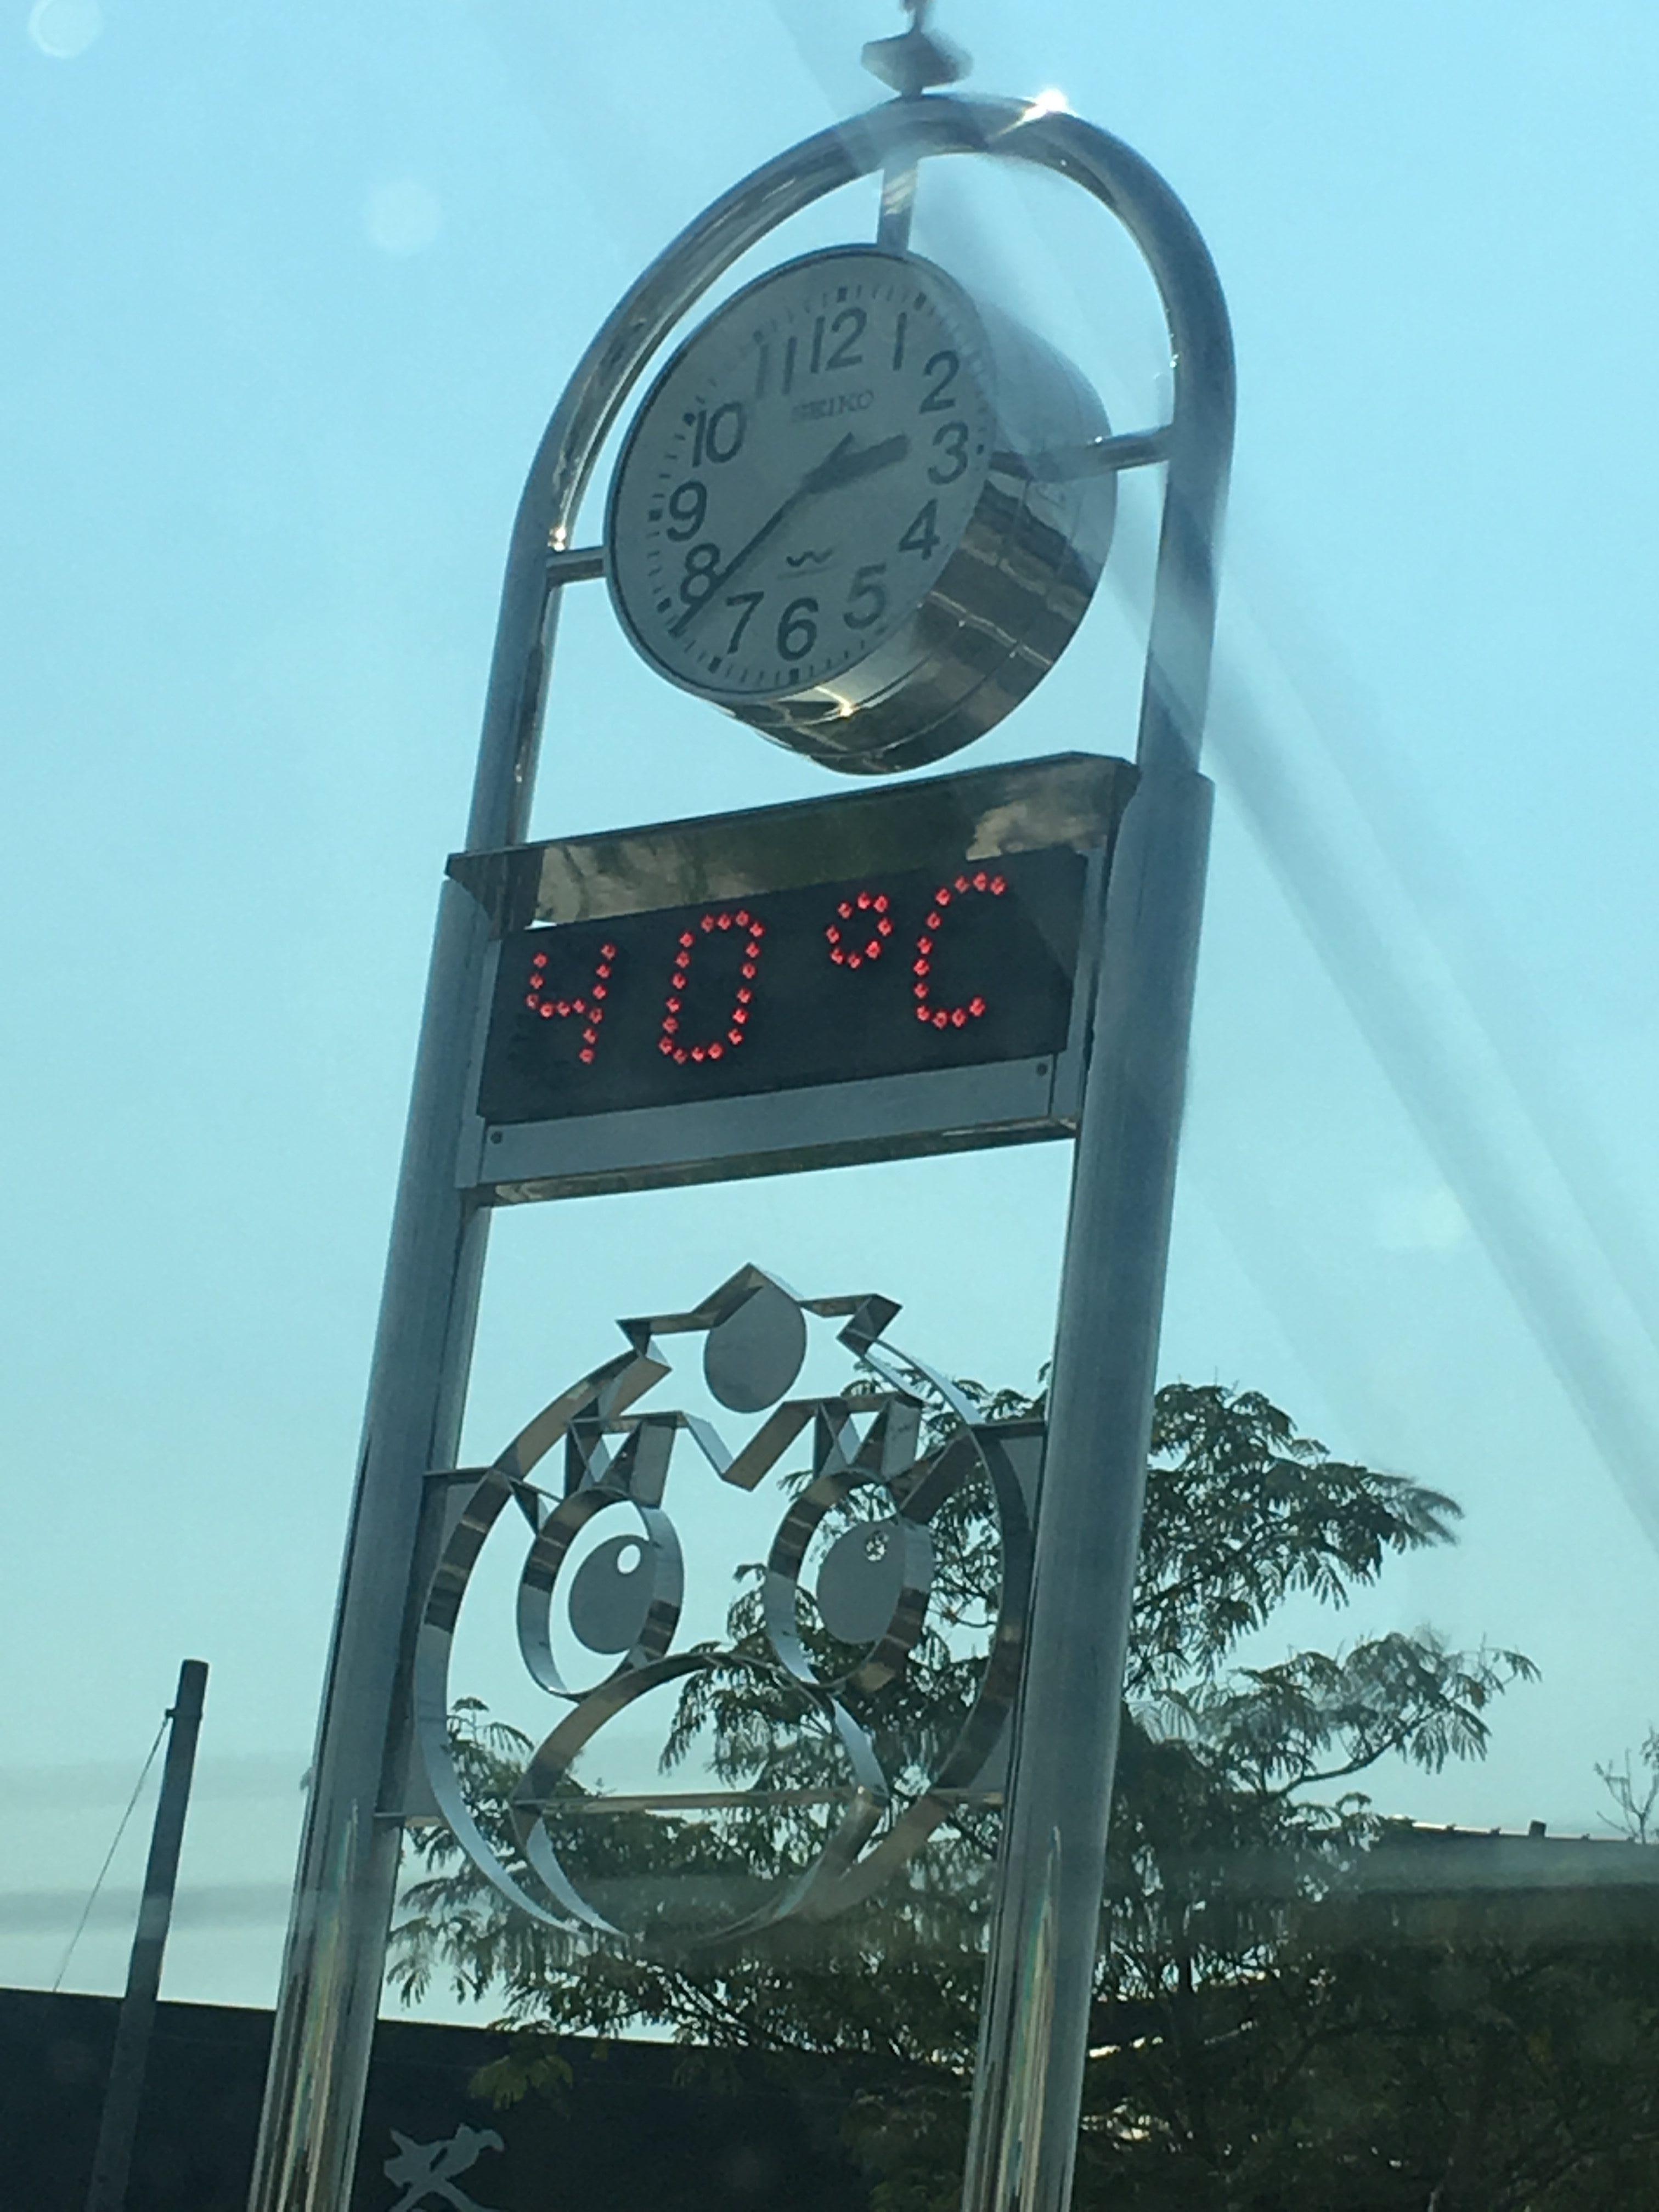 多治見で40度超え、本当に暑いんだってば